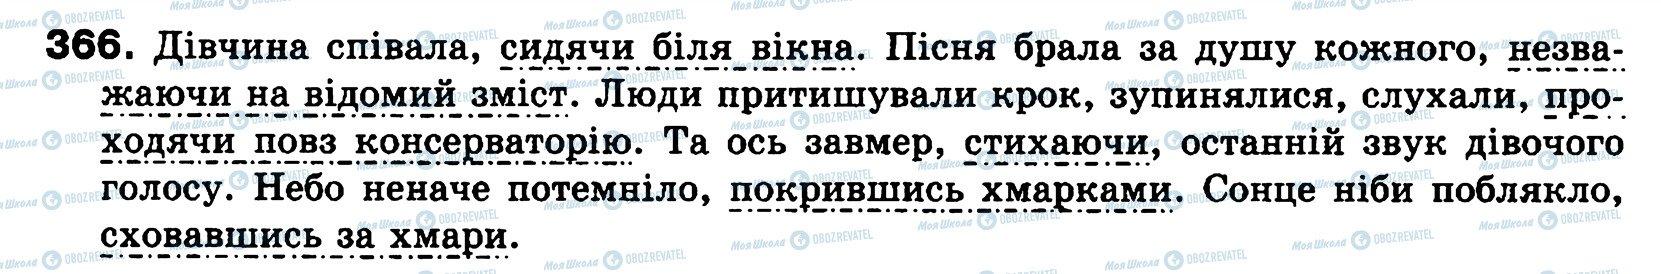 ГДЗ Українська мова 8 клас сторінка 366